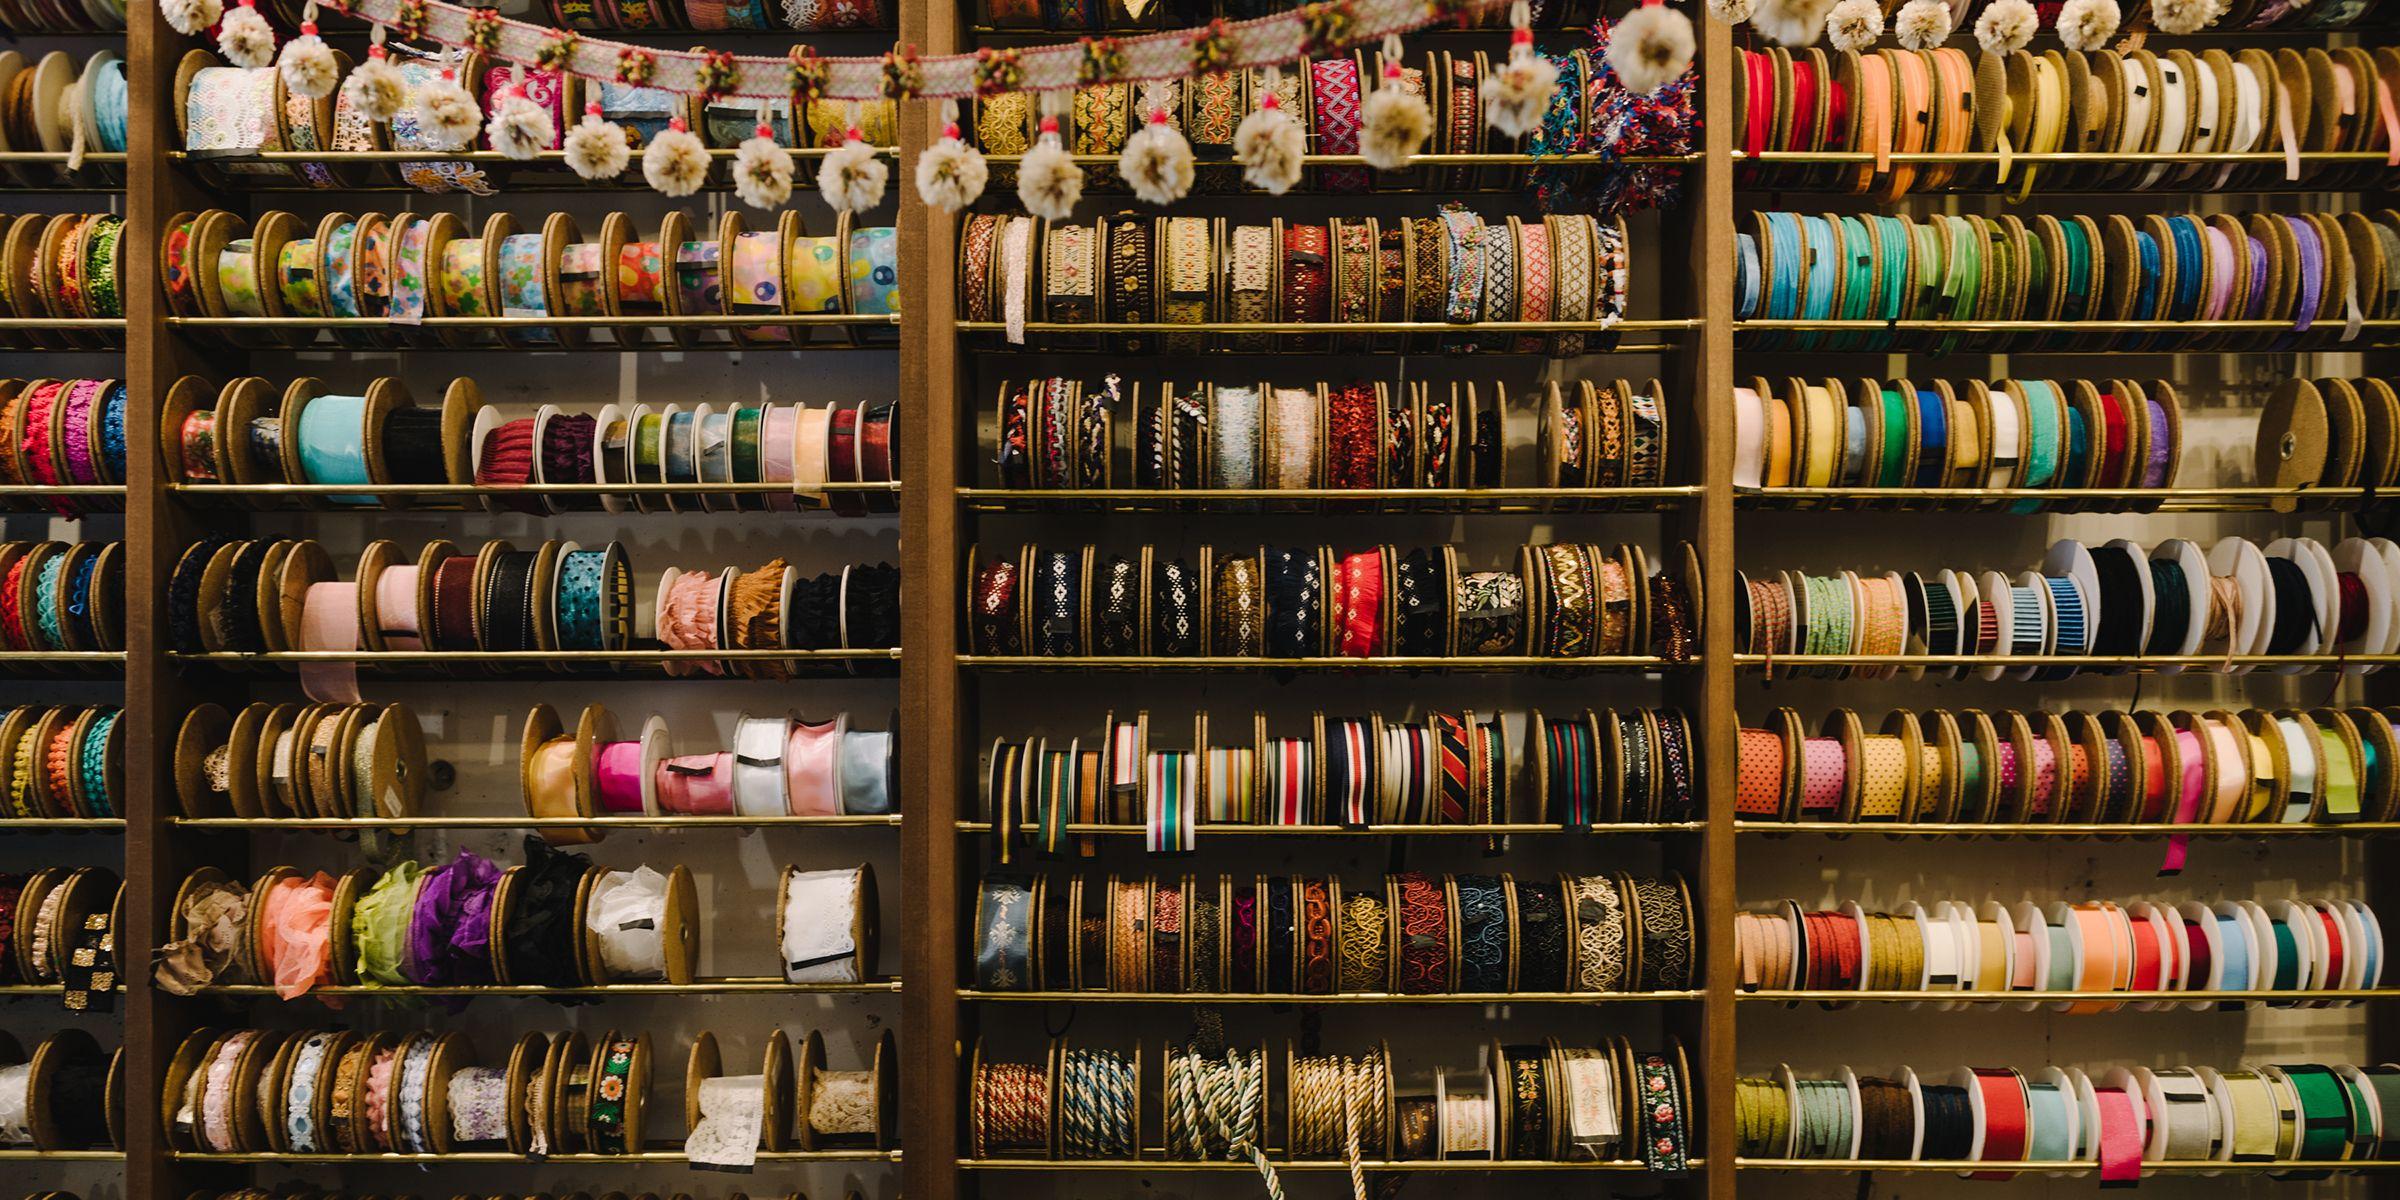 ノスタルジックな世界に迷い込む 福岡の リボン専門店 Pita Minneとものづくりと ハンドメイド 生地 問屋 レジン アクセサリー デザイン